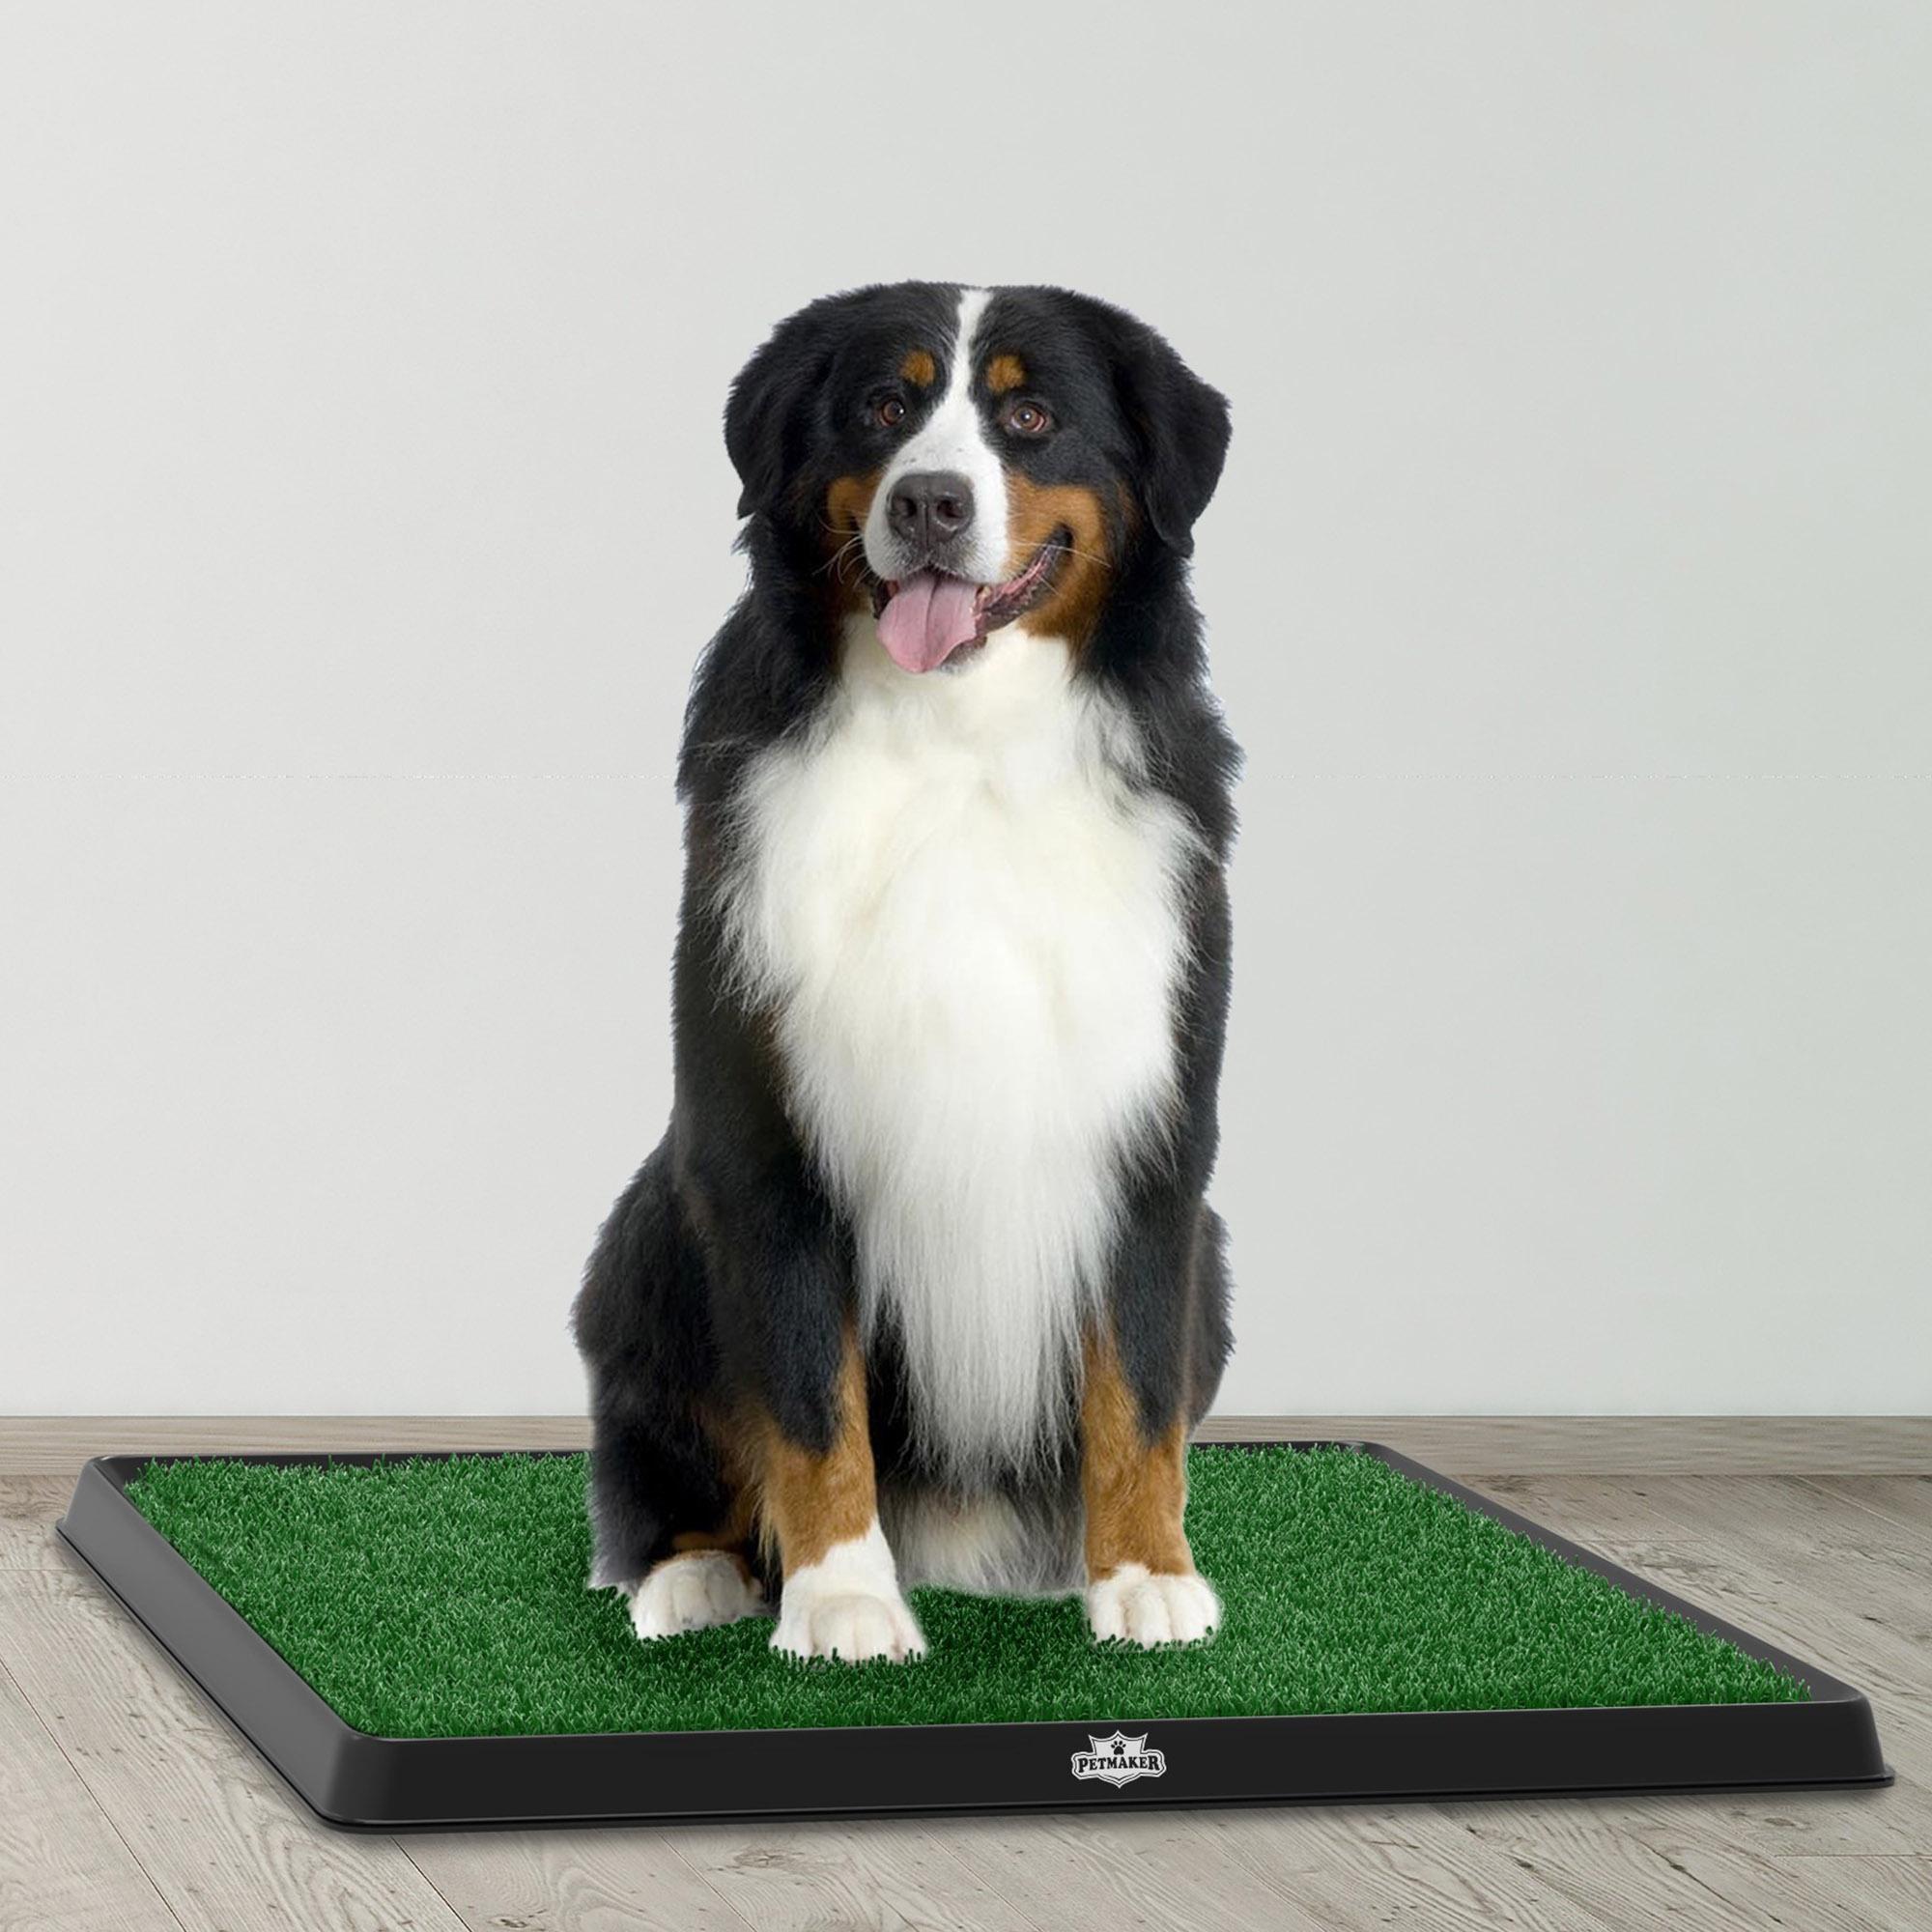 Dog Indoor Potty Trainer